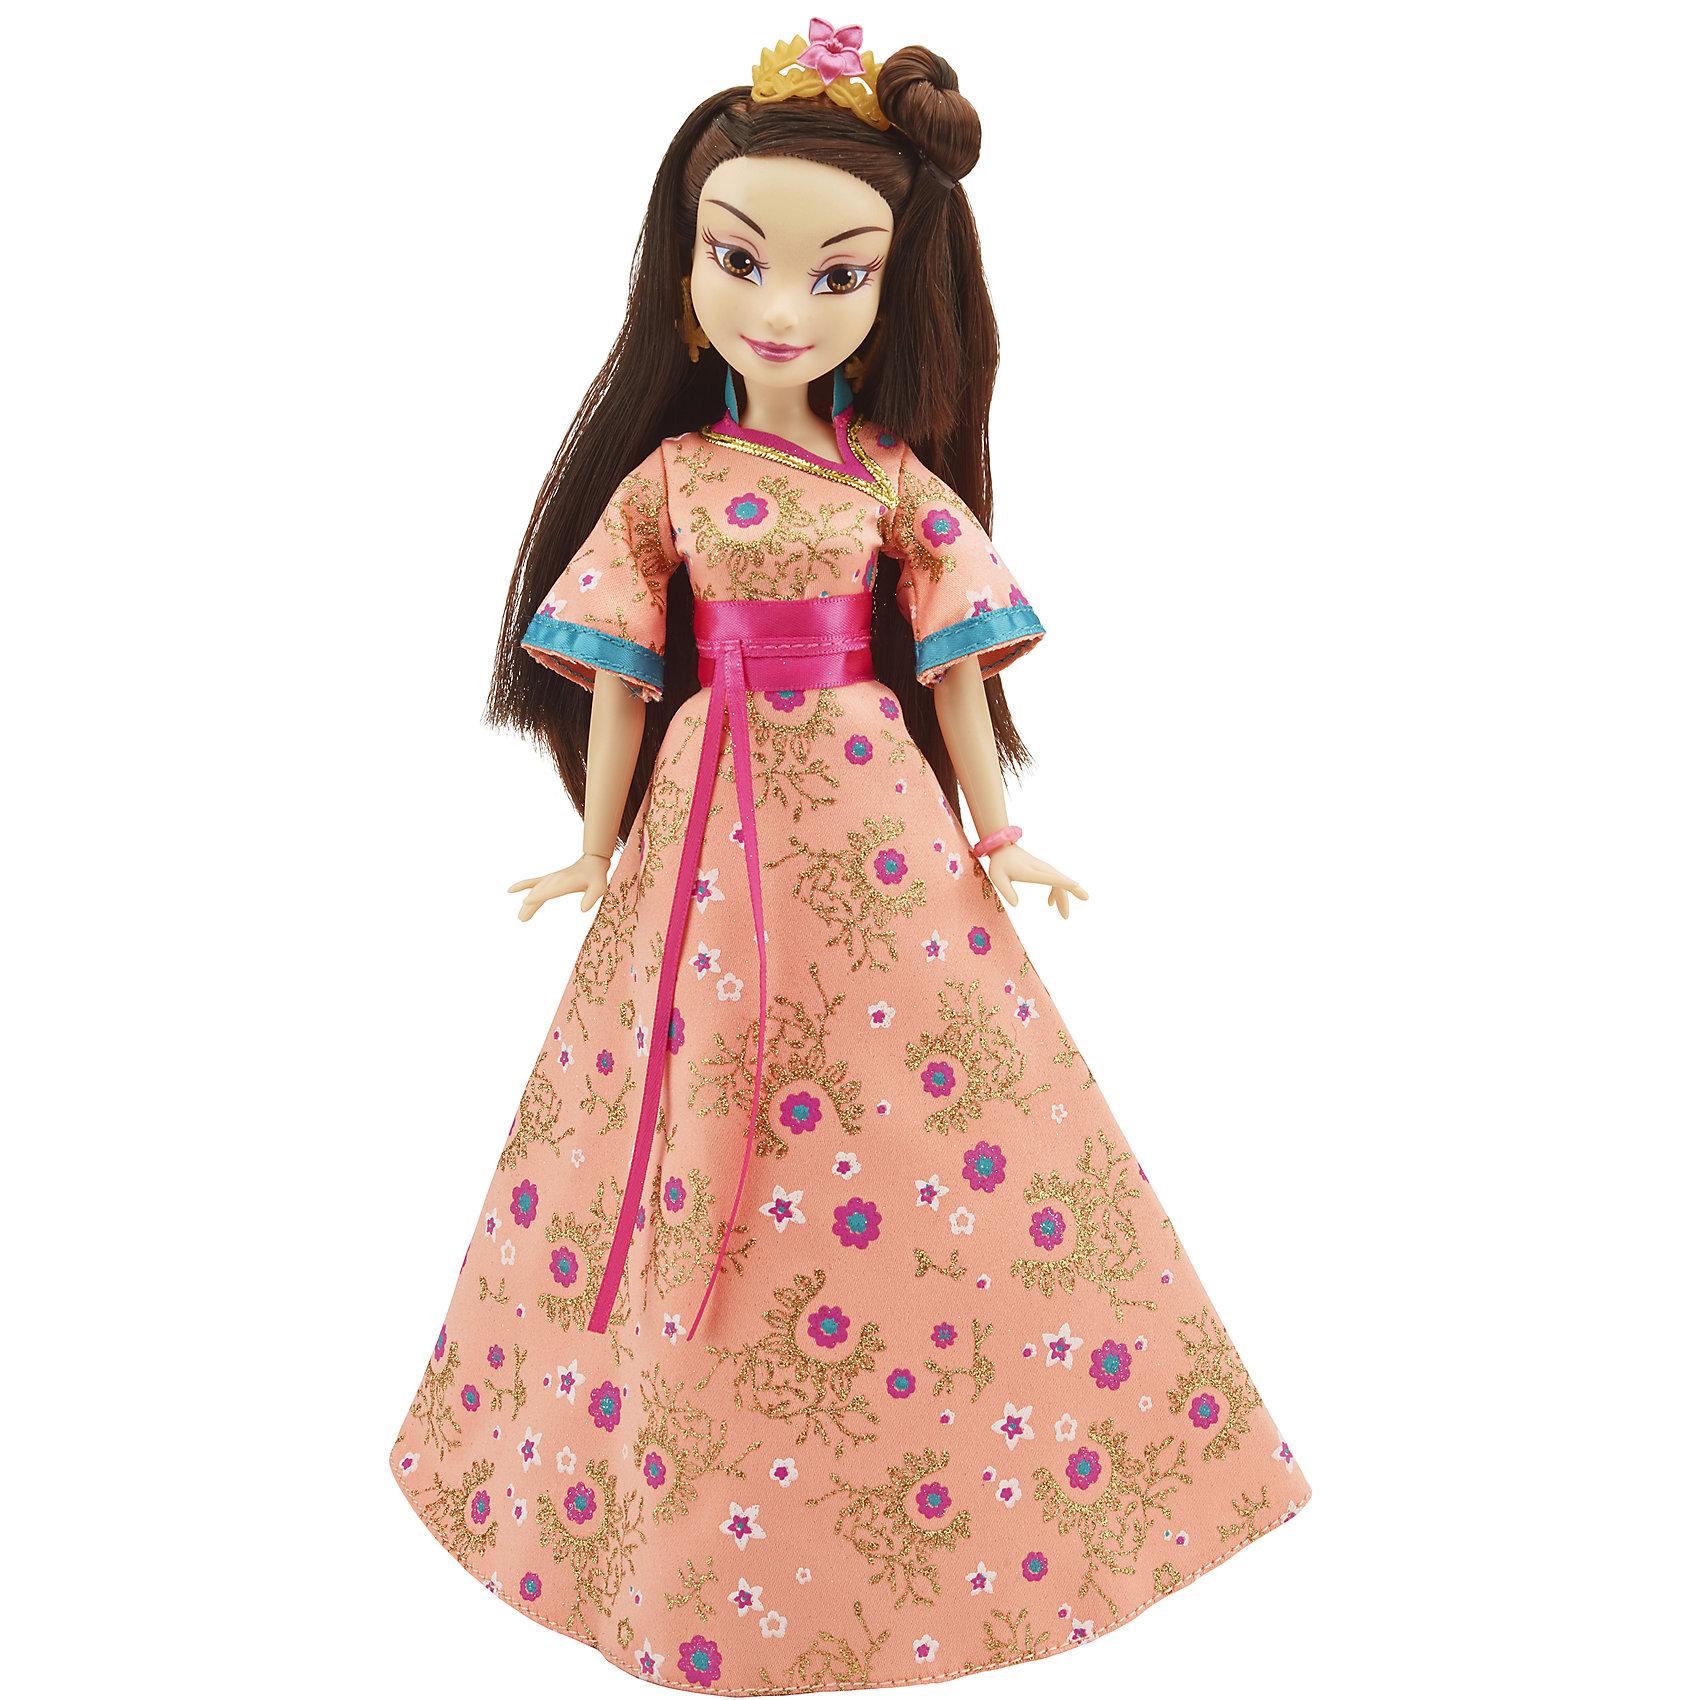 Кукла Лони, светлые герои в платьях для коронации, Наследники, Disney, B3123/B3126Светлые герои в платьях для коронации, Наследники, Disney, B3123/B3126.<br><br>Характеристики:<br><br>- В наборе: 1 кукла в платье для коронации, диадема, браслет, сумочка, кольцо для девочки<br>- Высота куклы: 27,5 см.<br>- Материал: высококачественный пластик, текстиль<br><br>Замечательная кукла Лони станет приятным подарком для девочки - поклонницы мультфильма «Наследники». Кукла выполнена с соблюдением внешних особенностей диснеевской героини Лони из Аурадона, дочери Фа Мулан и Ли Шанга, и одета в праздничное платье для коронации. На ней пышное шелковое платье в восточном стиле с цветочными узорами. На ногах - золотистые с синим туфельки, которые сочетаются с сумочкой. Образ куклы дополнен диадемой и браслетом, а платье украшено шикарным атласным розовым поясом. У куклы красивые густые волосы, которые можно расчесывать и заплетать. Макияж Лони подчеркивает выразительность глаз, а длинные нарисованные реснички делают взгляд проницательным и ярким. А еще вашу малышку ждет приятный сюрприз - в набор входит золотистое колечко с гербом, которое она сможет носить на своей руке. Кукла имеет шарнирное соединение в 11 точках артикуляции, и может принимать любую позу. Игрушка выполнена из качественных, нетоксичных материалов, сертифицированных для производства детских товаров. Используемые красители безопасны для ребёнка.<br><br>Набор Светлые герои в платьях для коронации, Наследники, Disney, B3123/B3126 можно купить в нашем интернет-магазине.<br><br>Ширина мм: 63<br>Глубина мм: 253<br>Высота мм: 1750<br>Вес г: 393<br>Возраст от месяцев: 72<br>Возраст до месяцев: 168<br>Пол: Женский<br>Возраст: Детский<br>SKU: 5064679